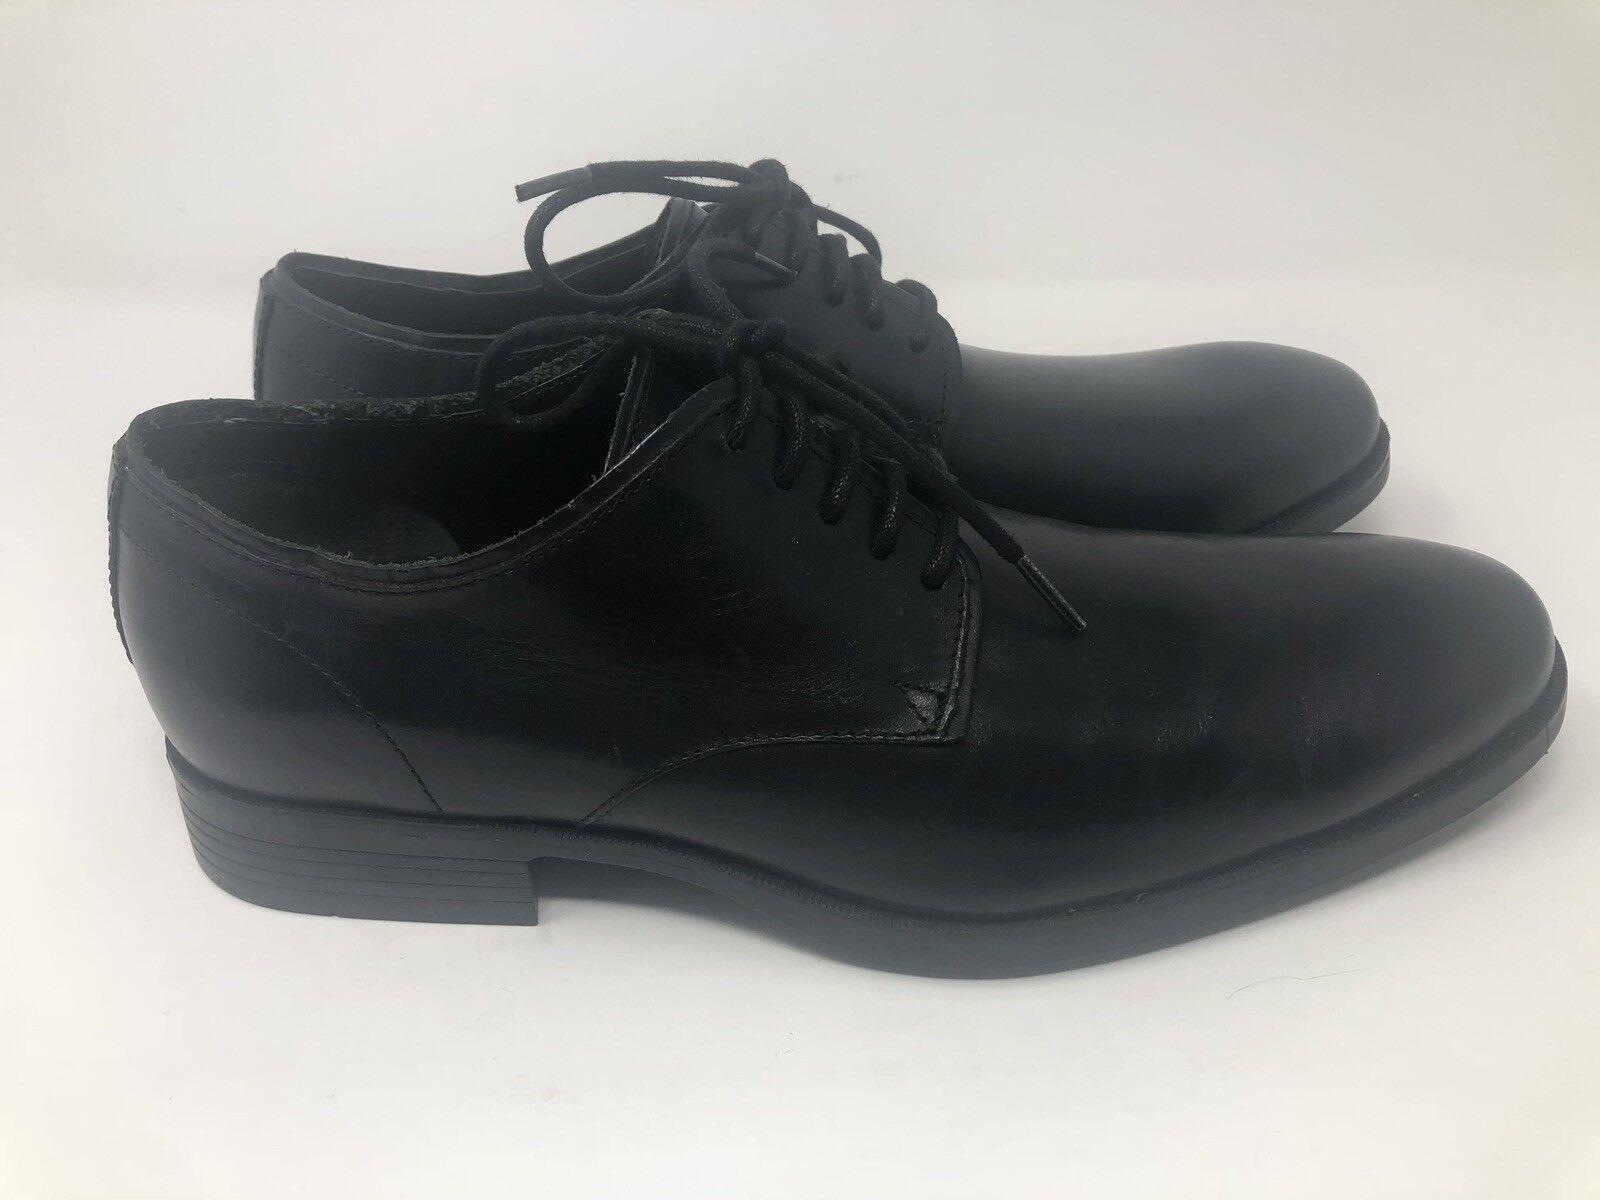 Nuevo COLE HAAN para hombres Cuero Negro LLANO TOE OXFORD Williams Williams OXFORD zapatos M 0bad47